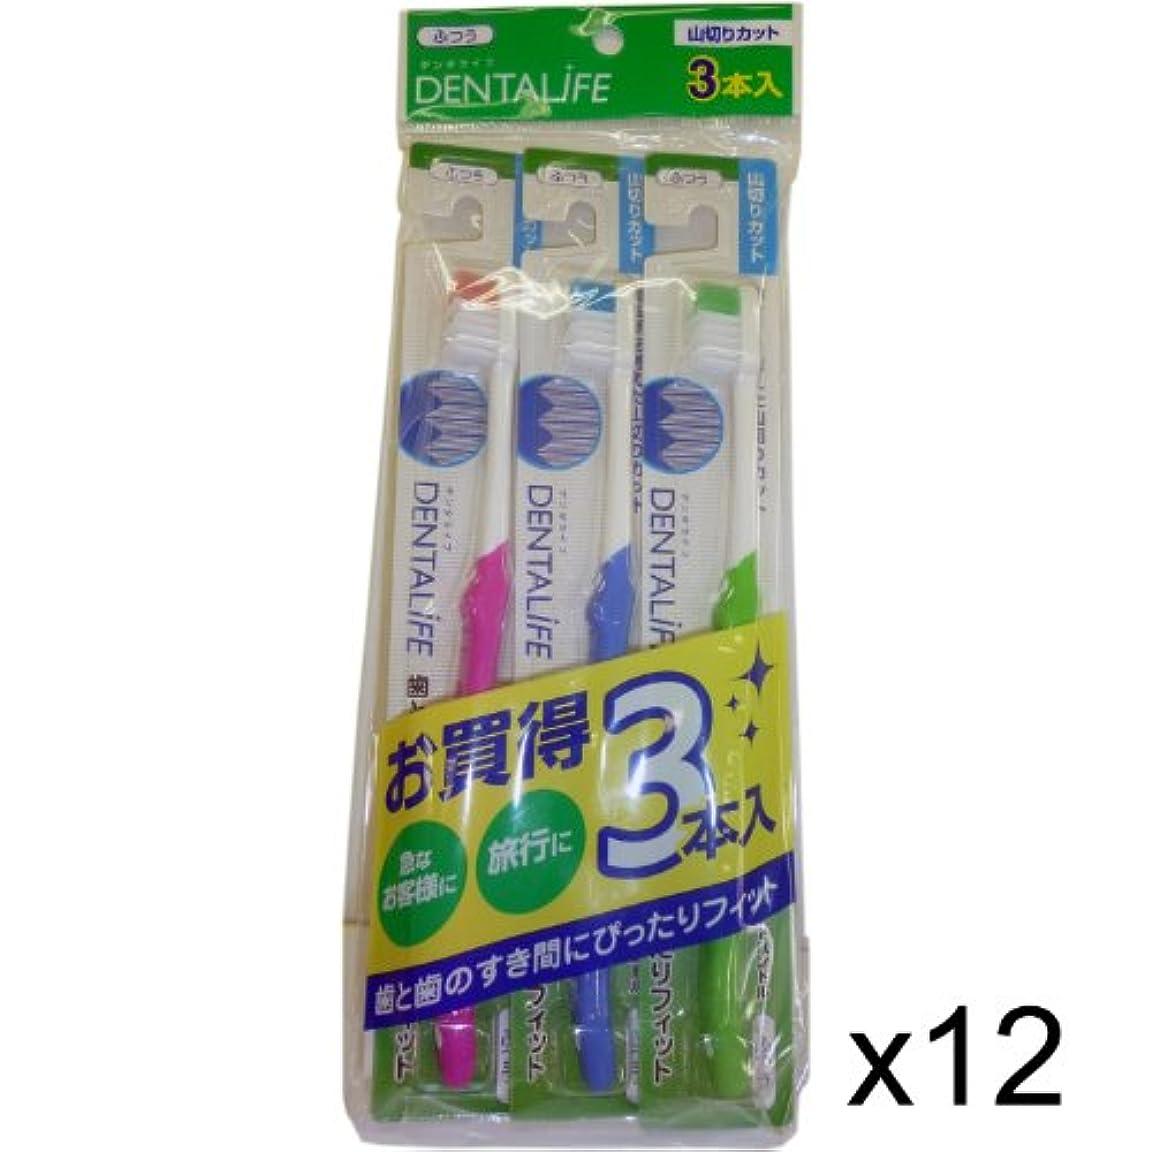 王族公演頂点お徳用 DELTALIFE(デンタライフ)山切り歯ブラシ ふつう 3P×12ヶセット(36本)